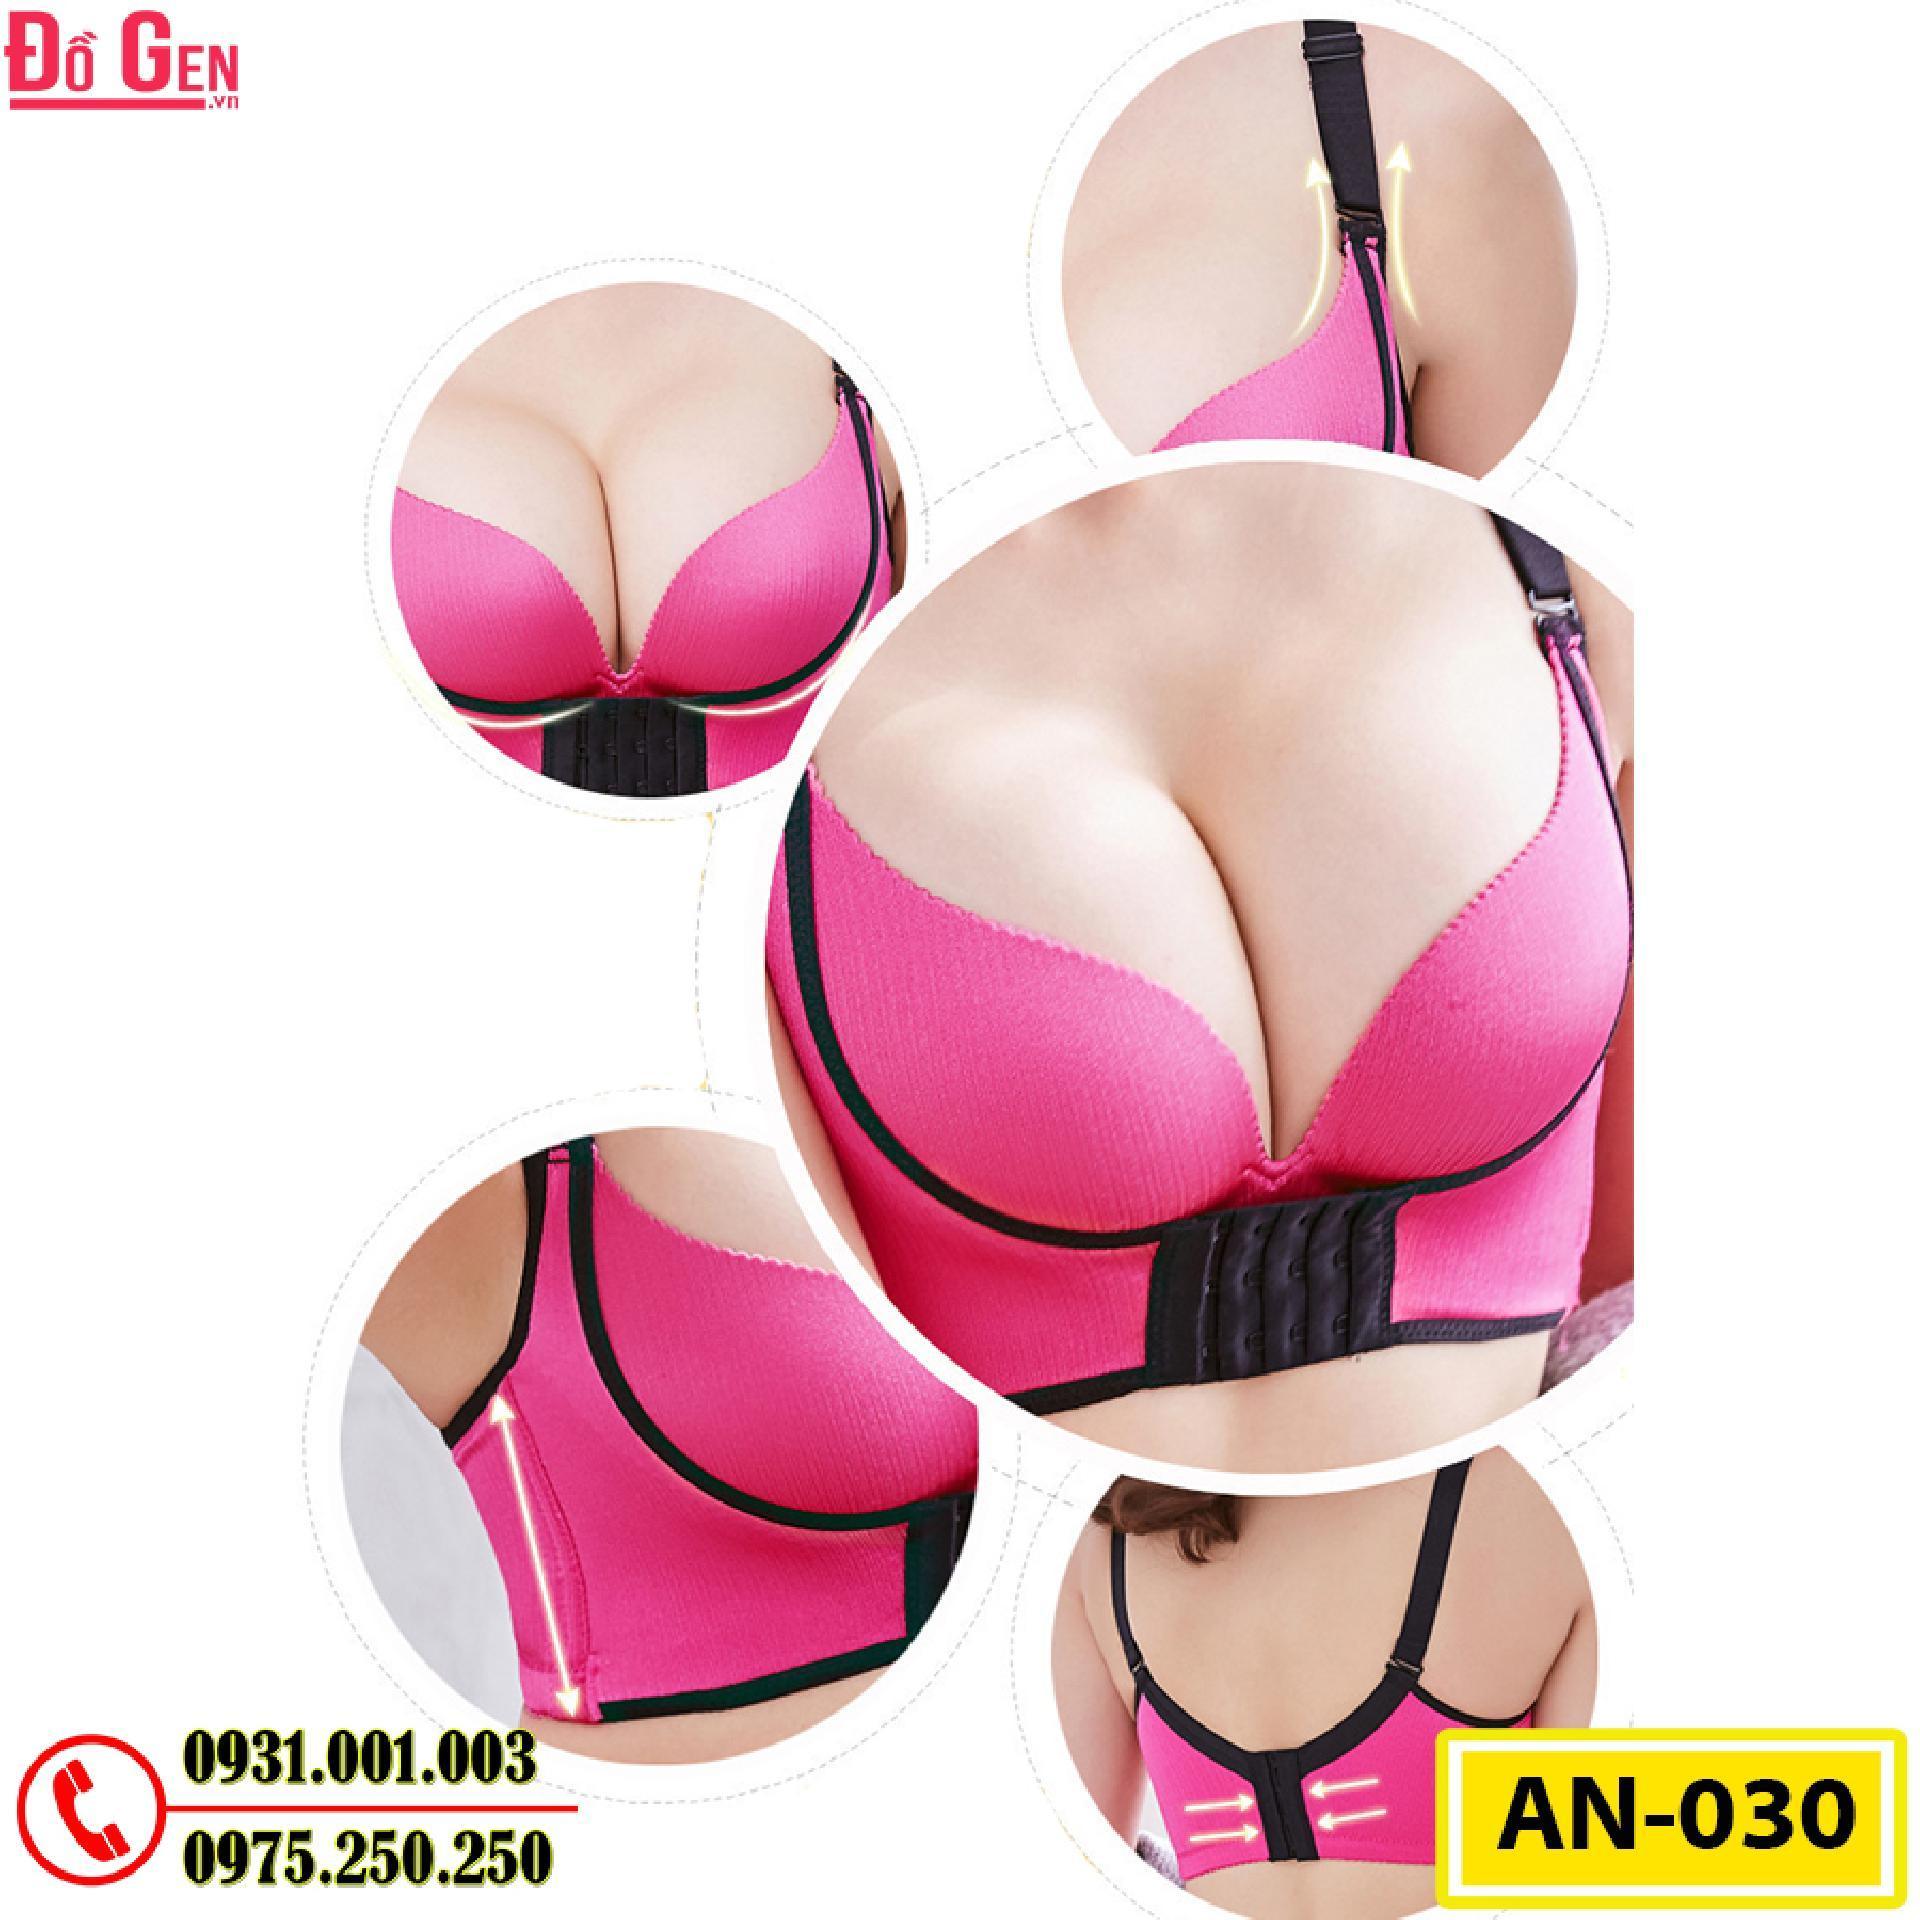 Áo Lót Ngực Cho Bạn Vòng Ngực Hoàn Hảo Cod: AN-030